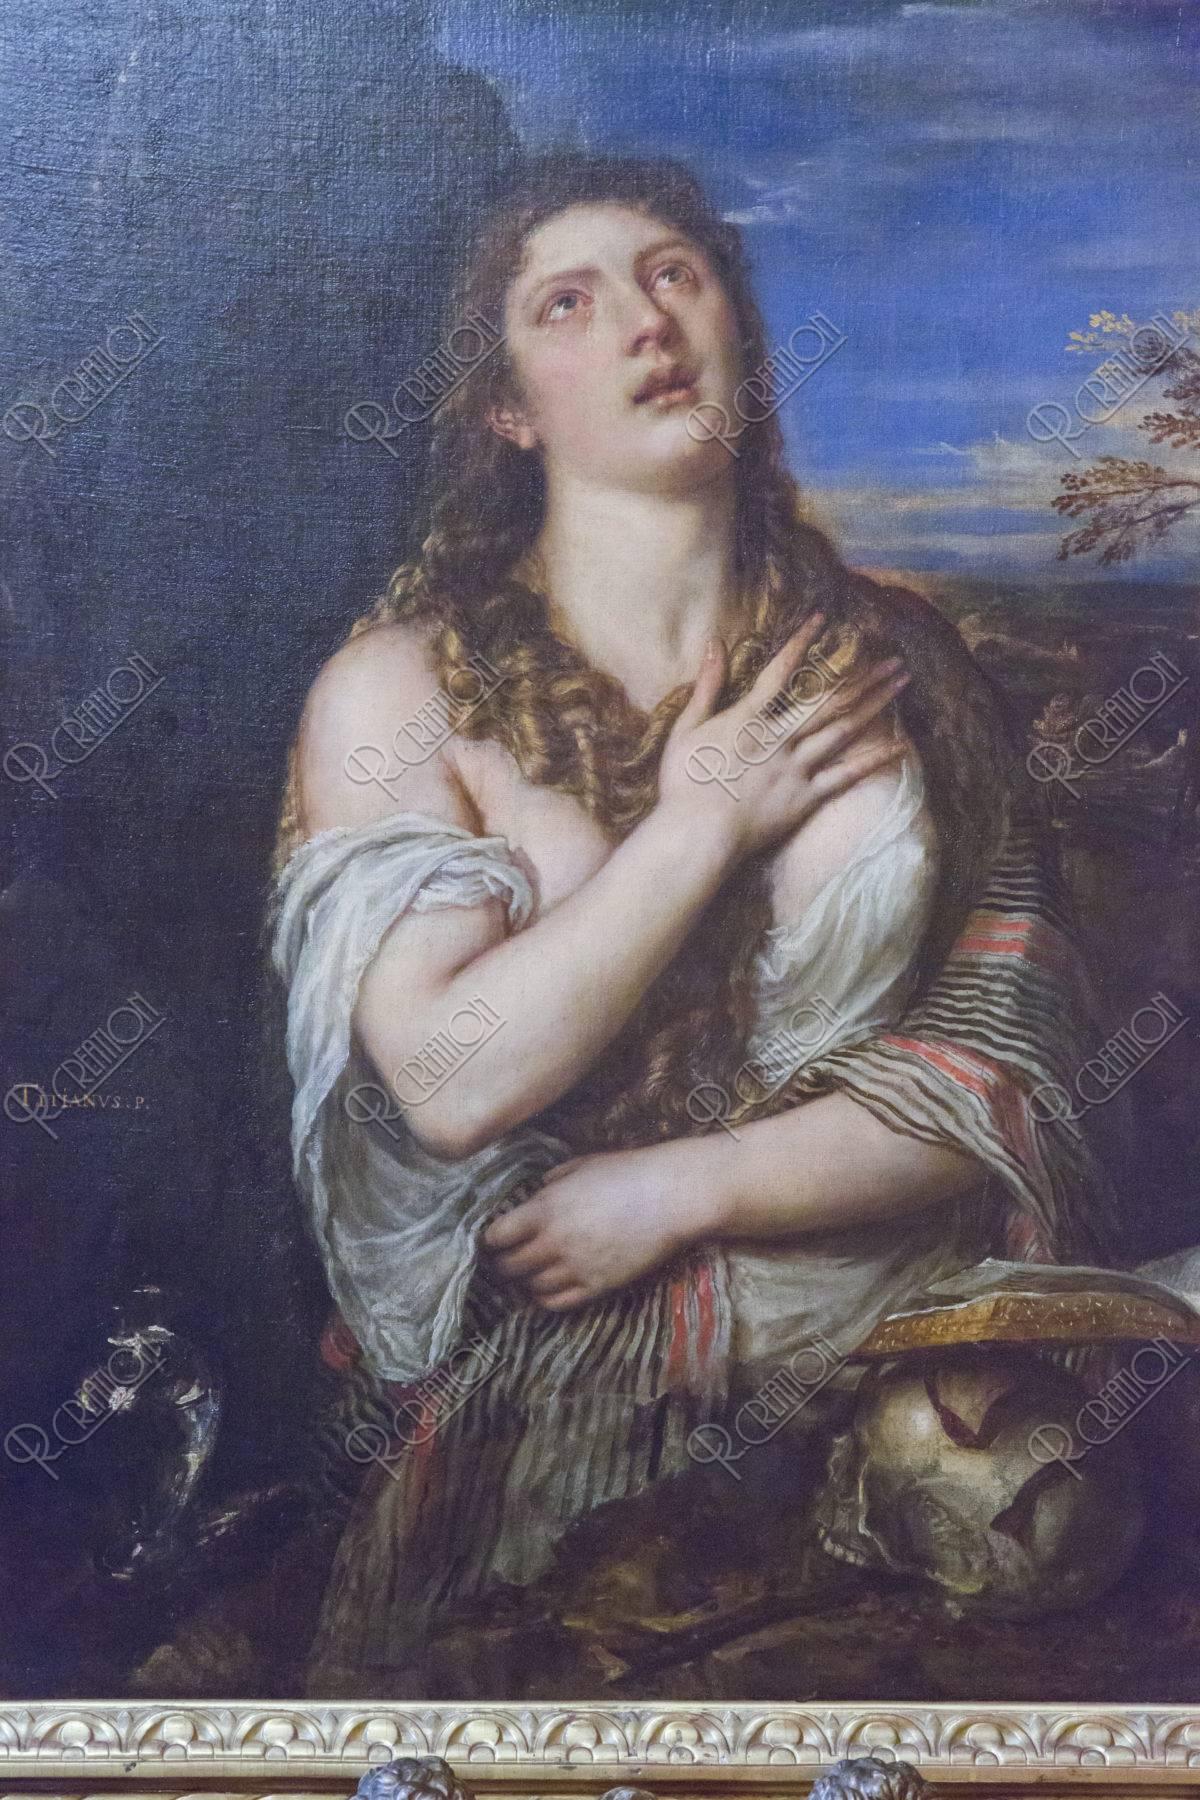 エルミタージュ美術館 懺悔するマグダラのマリア